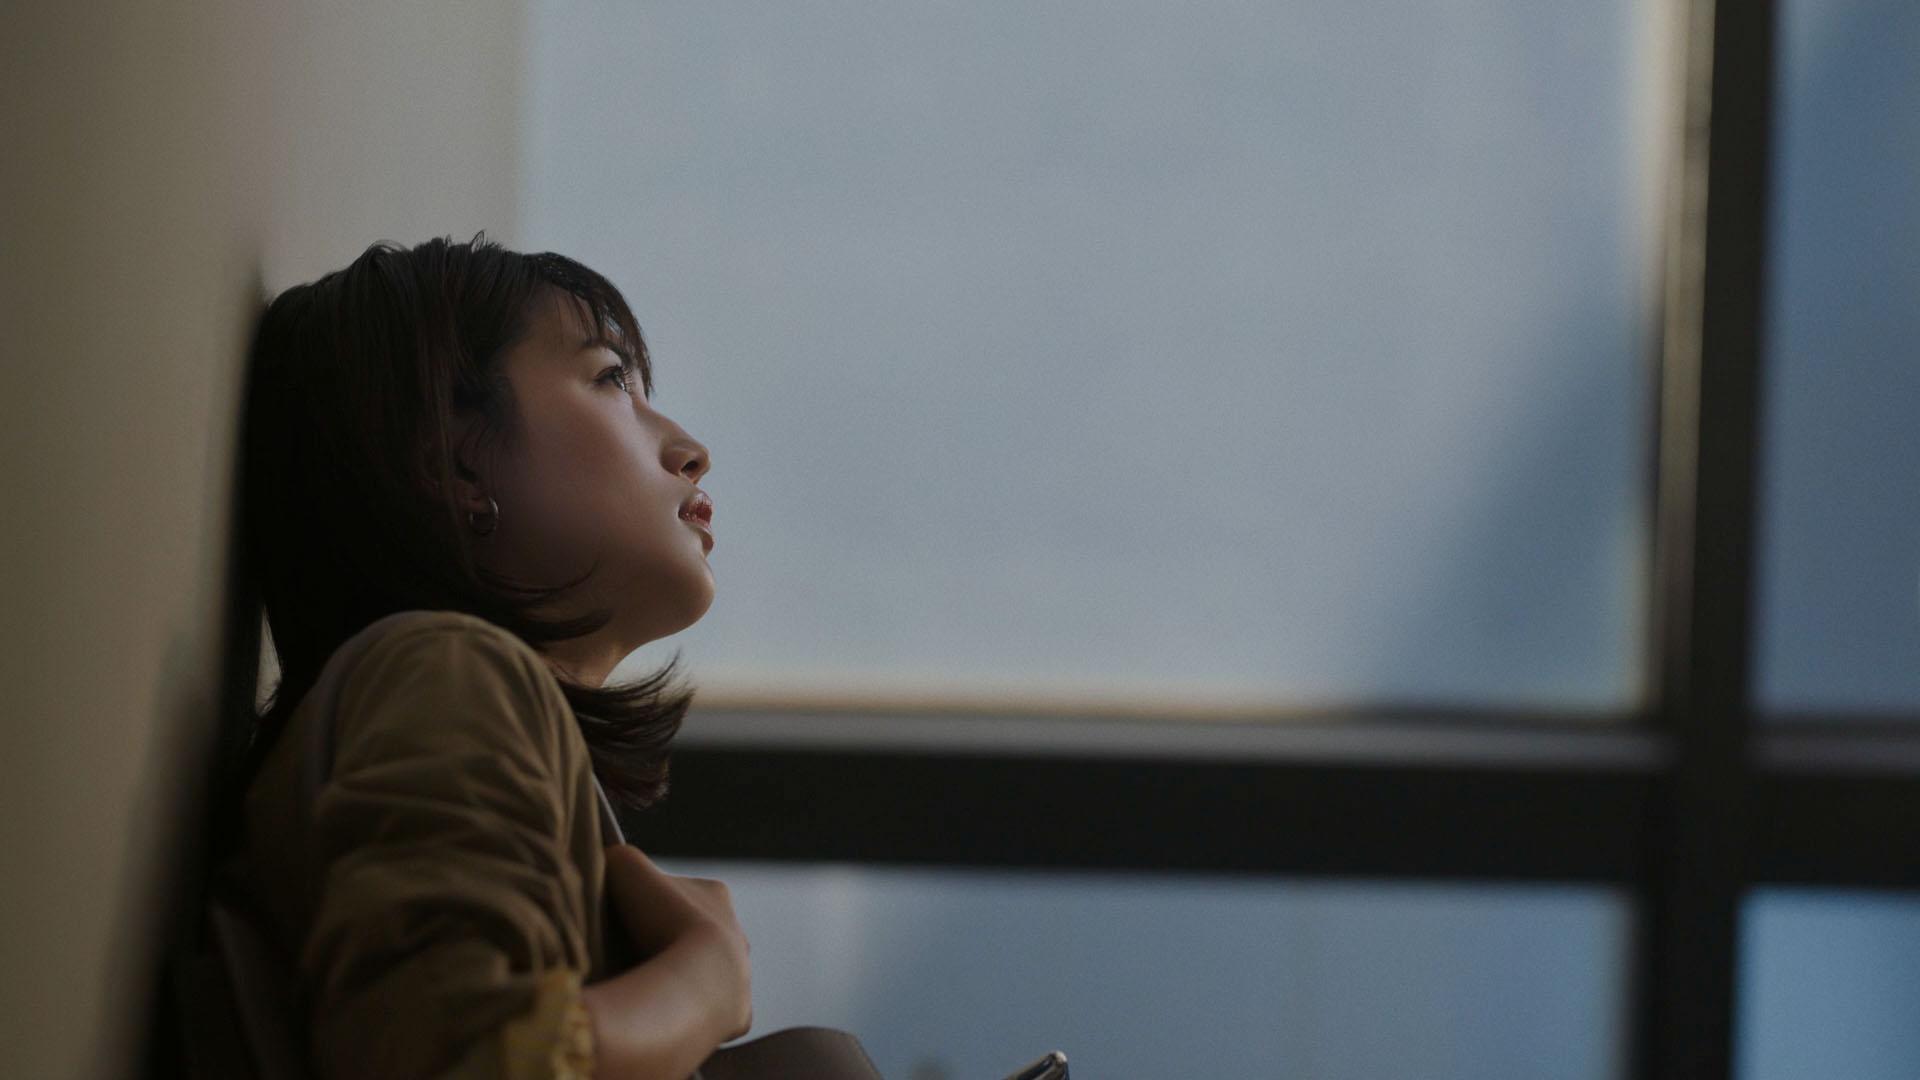 川口 春奈(かわぐち はるな)コンタクトレンズ『CREO(クレオ)』CM・ACTRESS(女優)